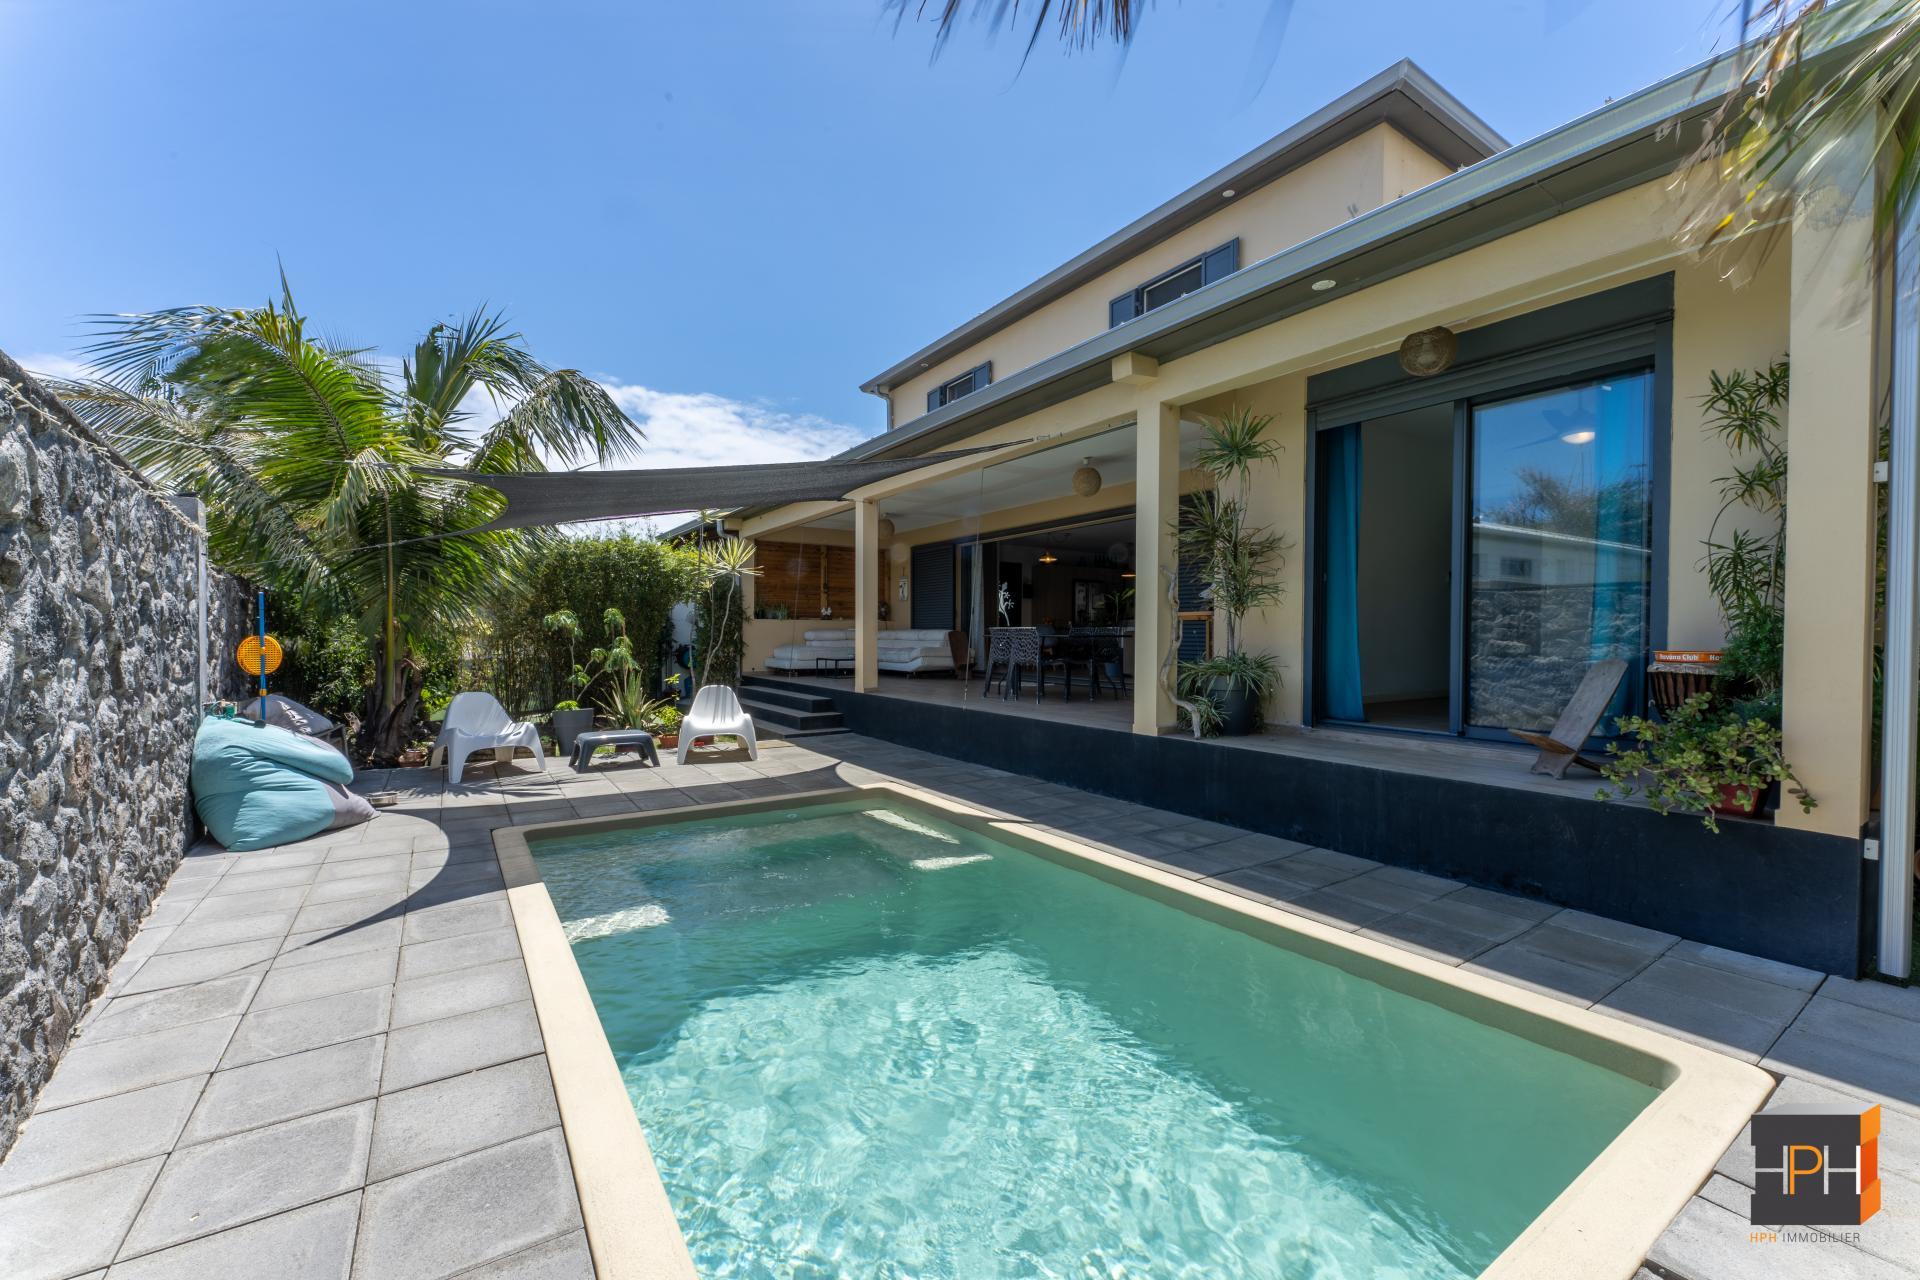 Villa d'exception dans l'est de l'île - Champ borne - Saint André (Réunion)